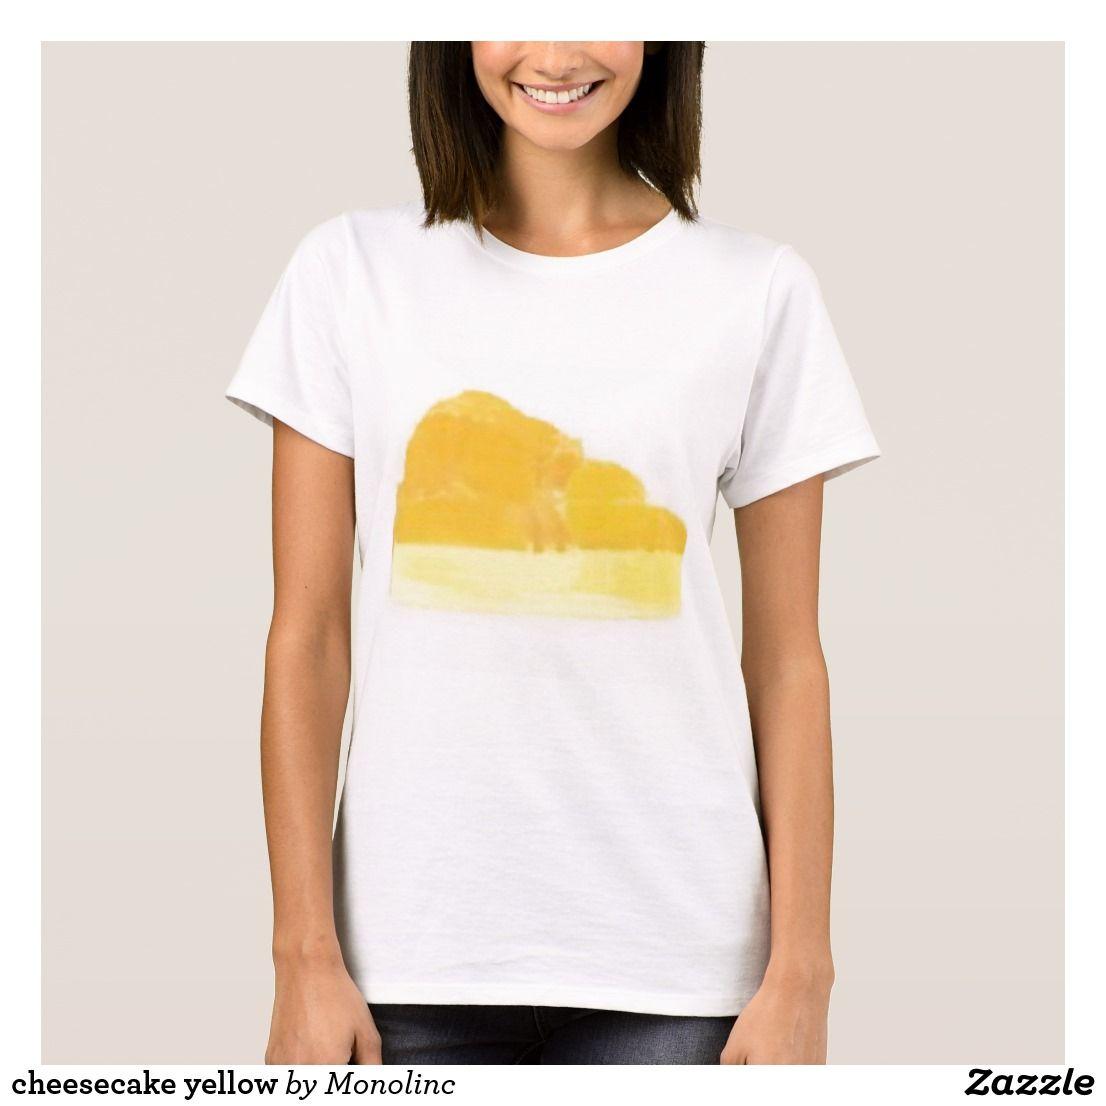 cheesecake yellow